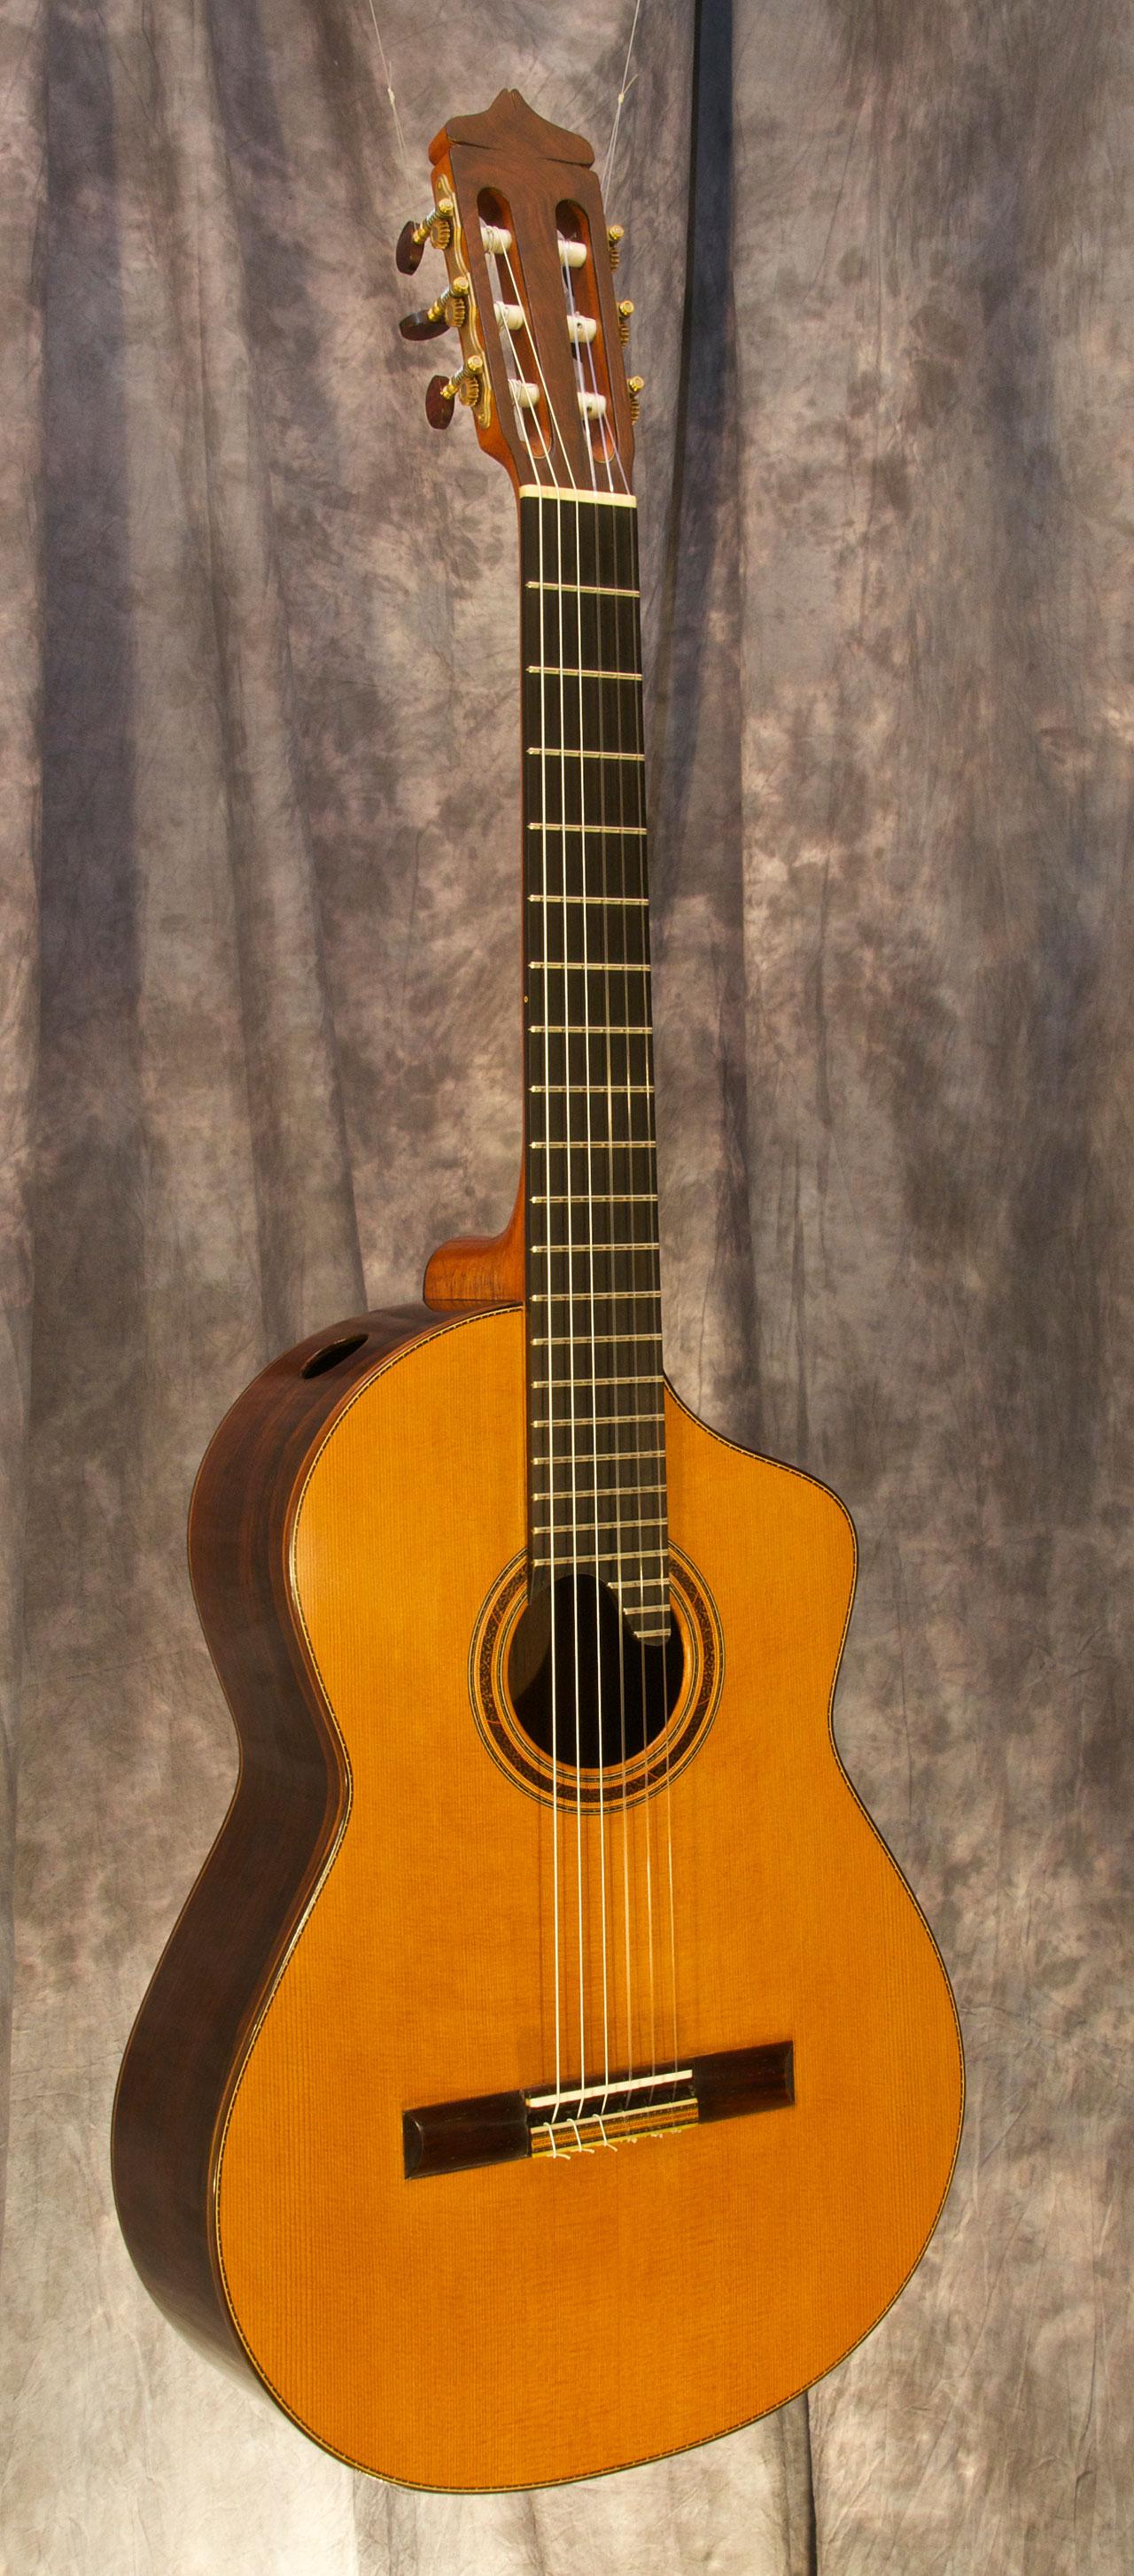 dake traphagen luthier guitars for sale. Black Bedroom Furniture Sets. Home Design Ideas